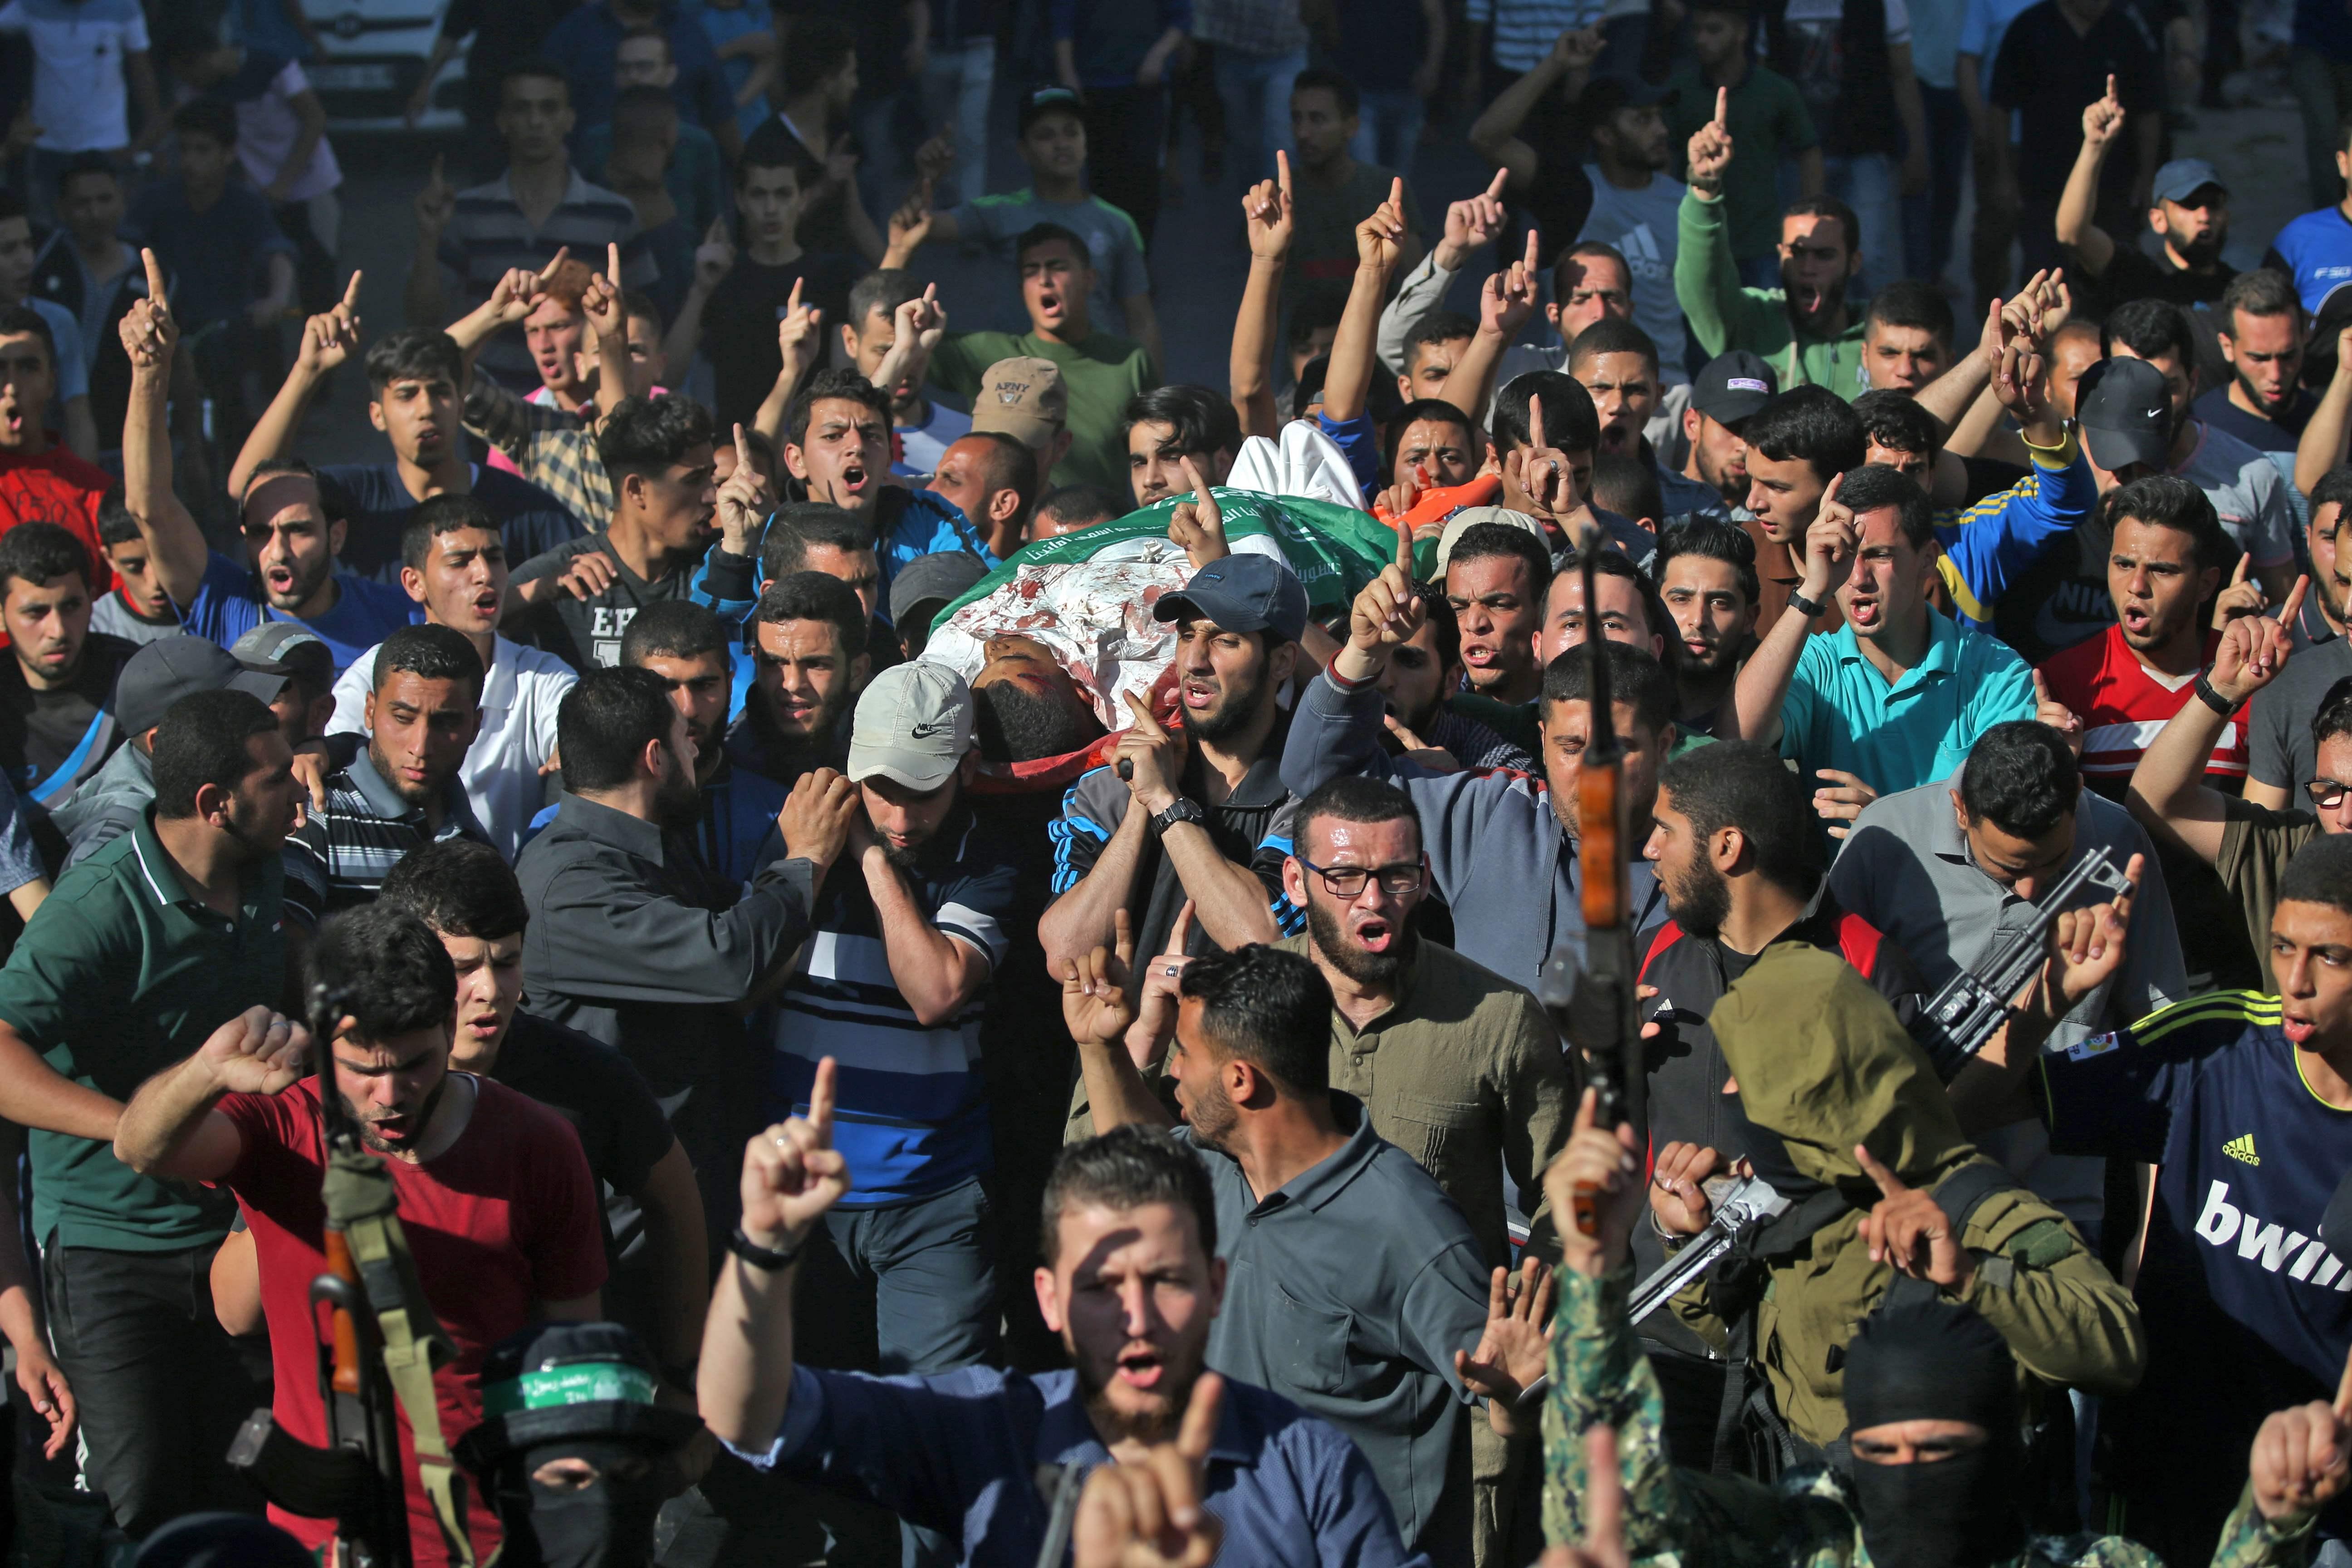 تشييع جثامين شهداء مذبحة يوم العودة